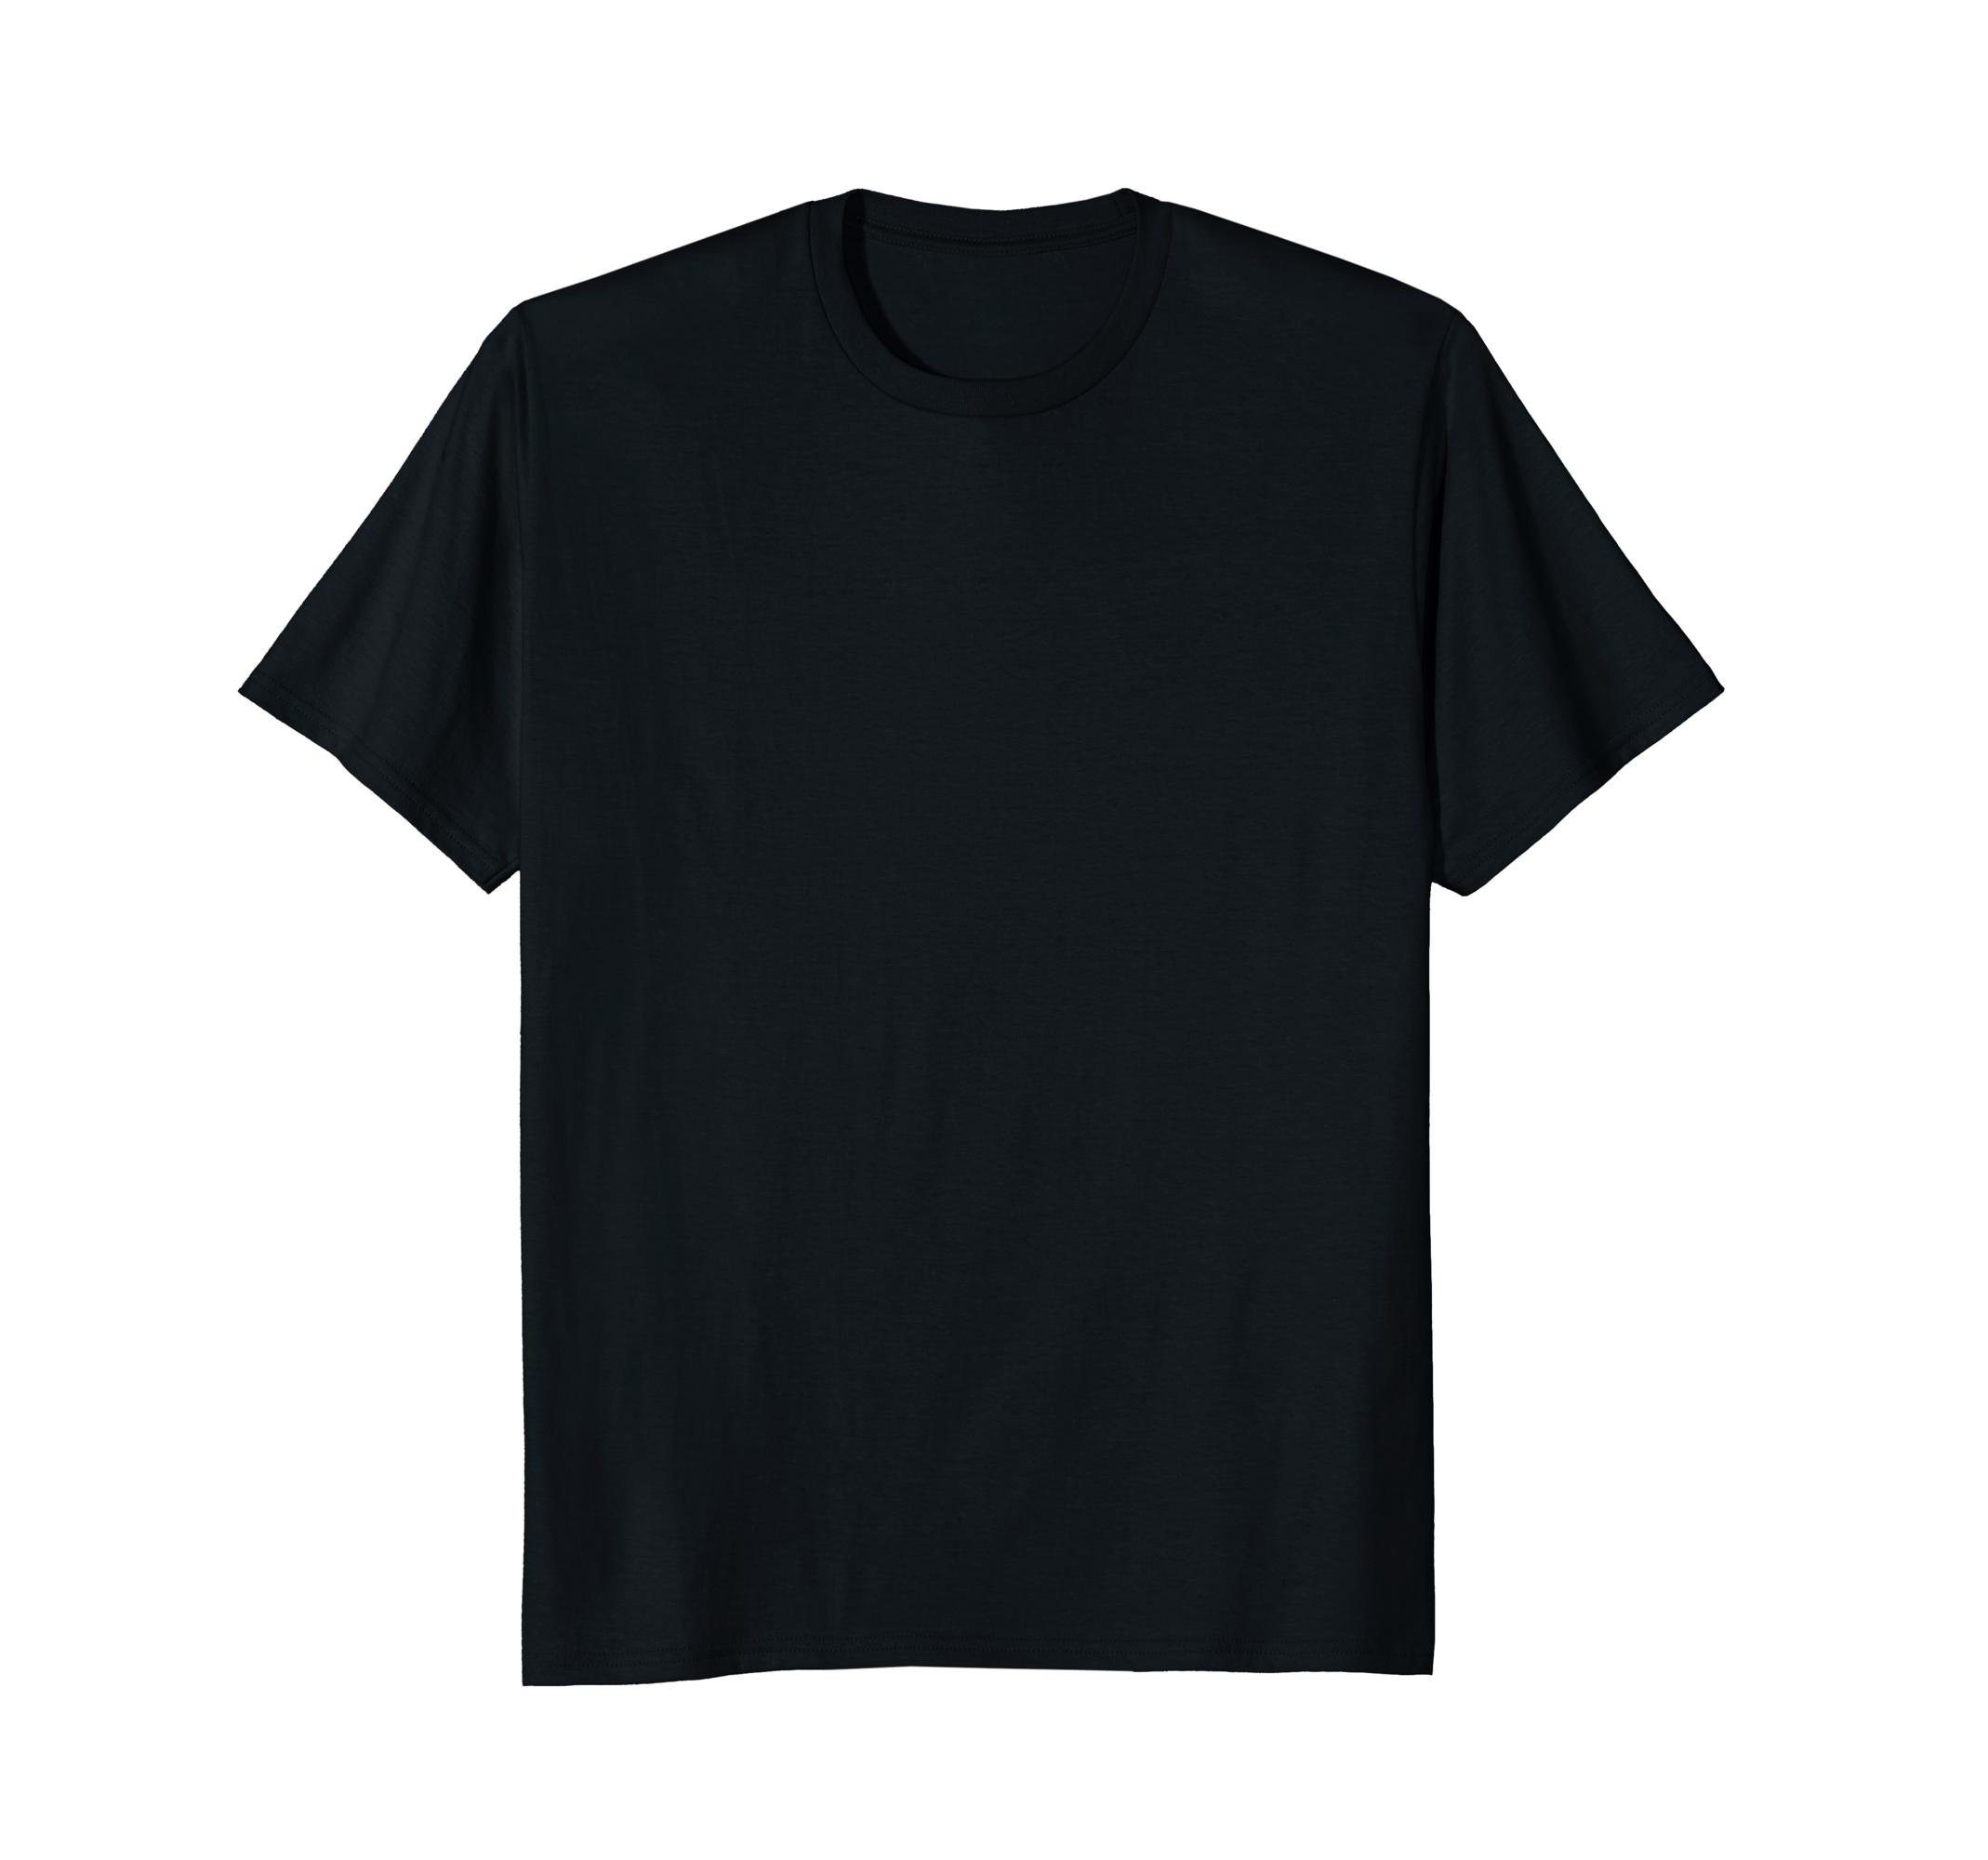 Tamaulipas T-shirt Funny Mexico Mexican Latino Hispanic Short Sleeve Tee Shirt